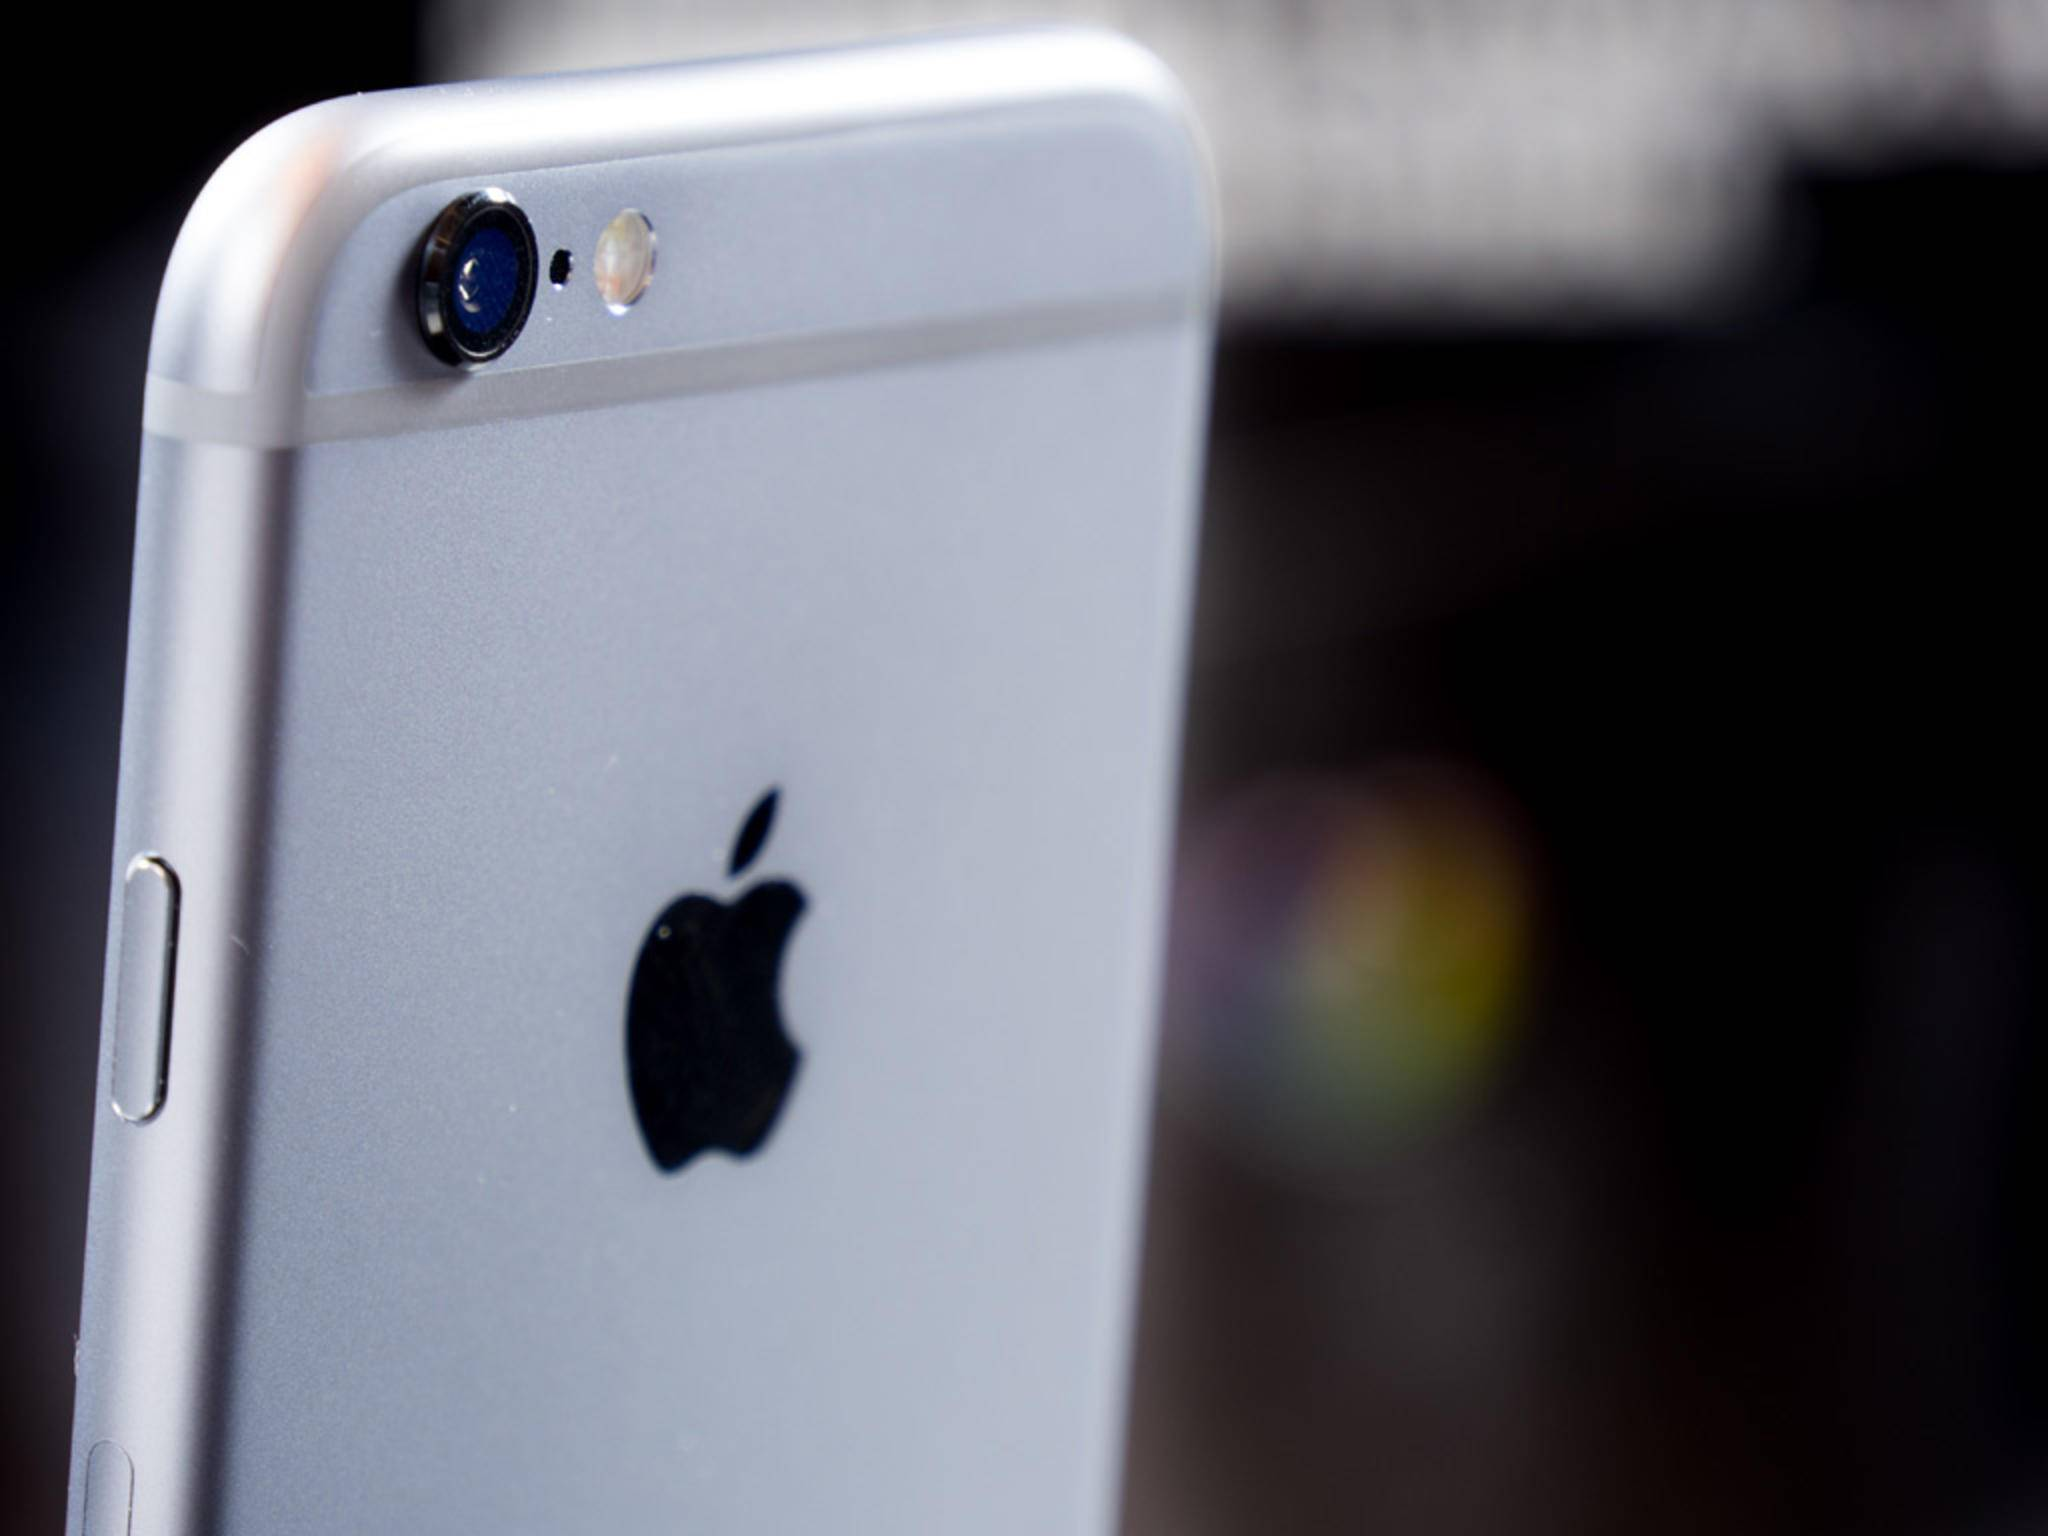 Bilder von einem iPhone werden auf Flickr am meisten hochgeladen.